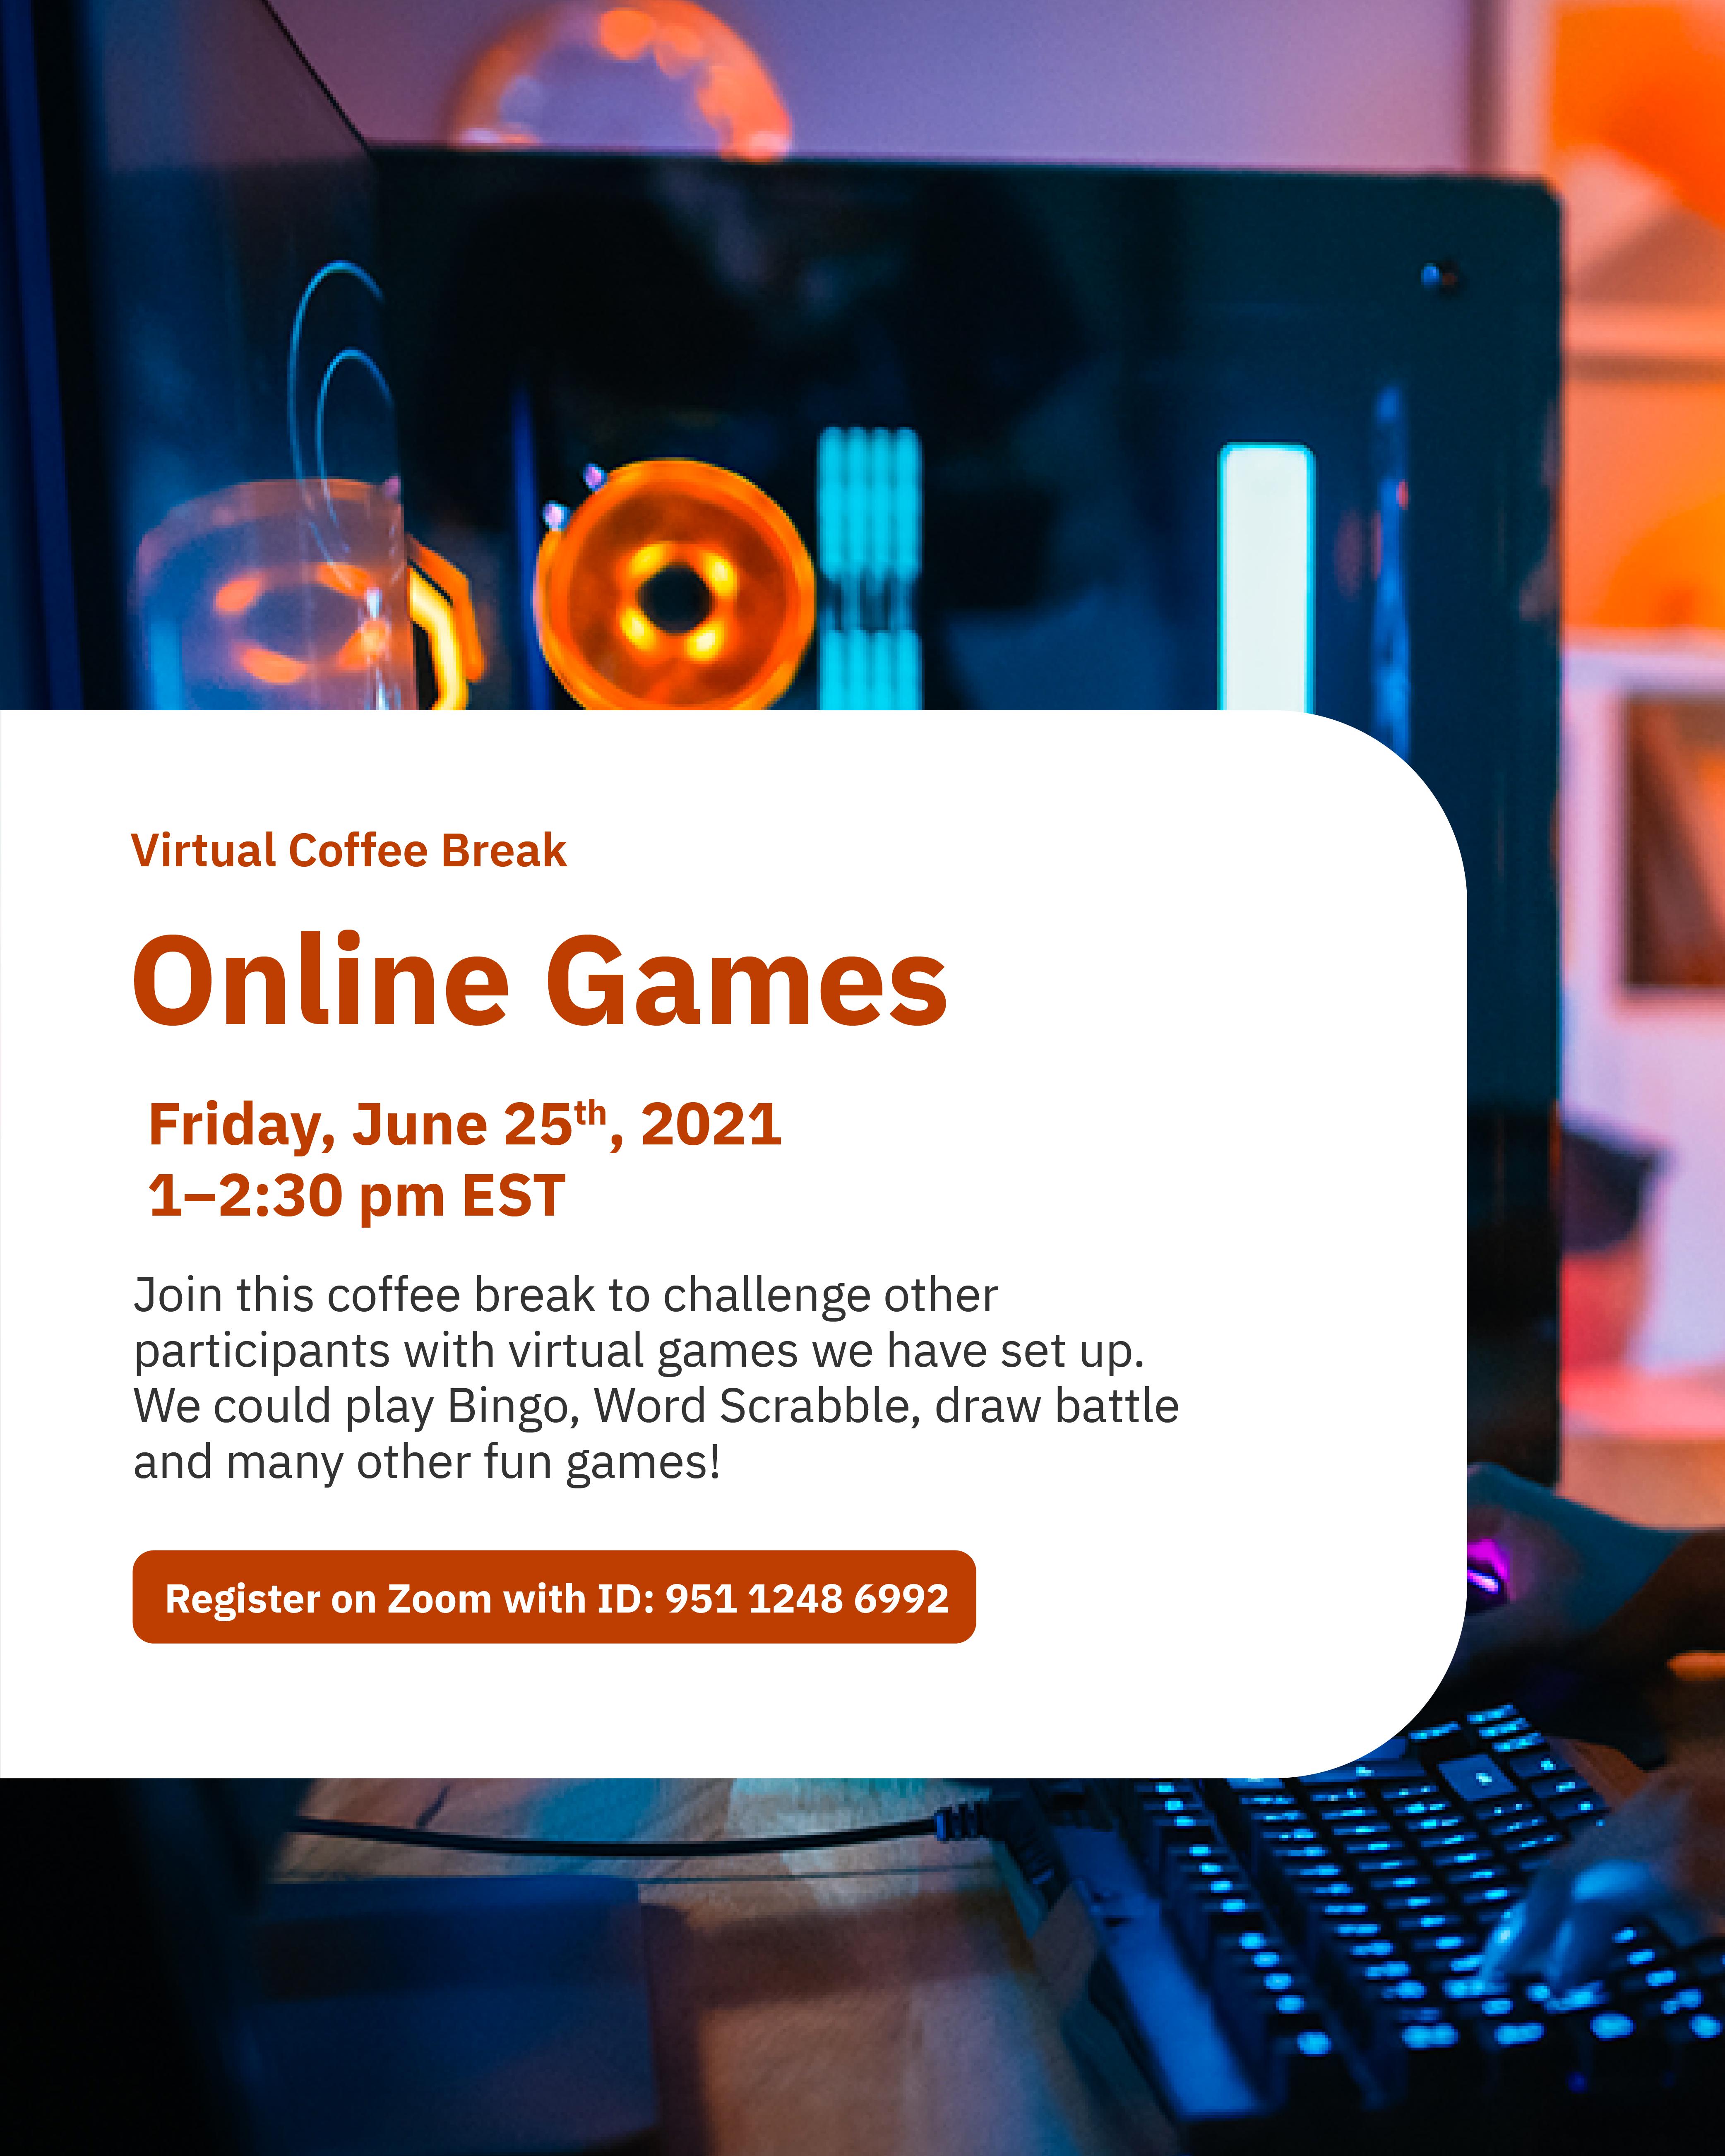 Virtual Coffee Break: Online Games @ Zoom - York International